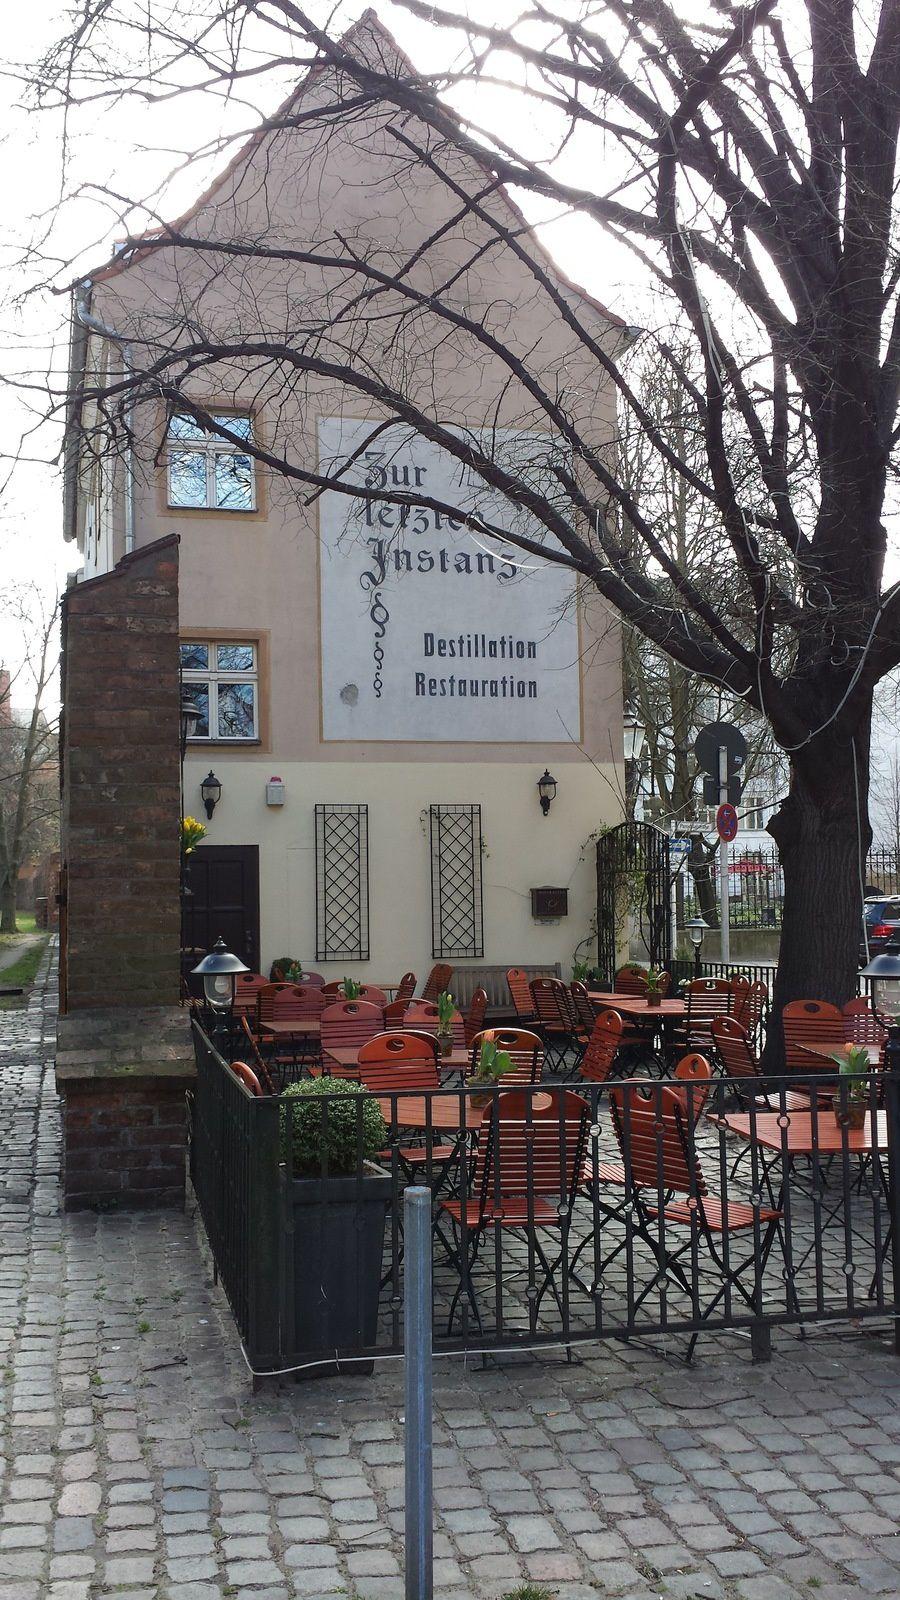 Zur Letzen Instanz - Berlin